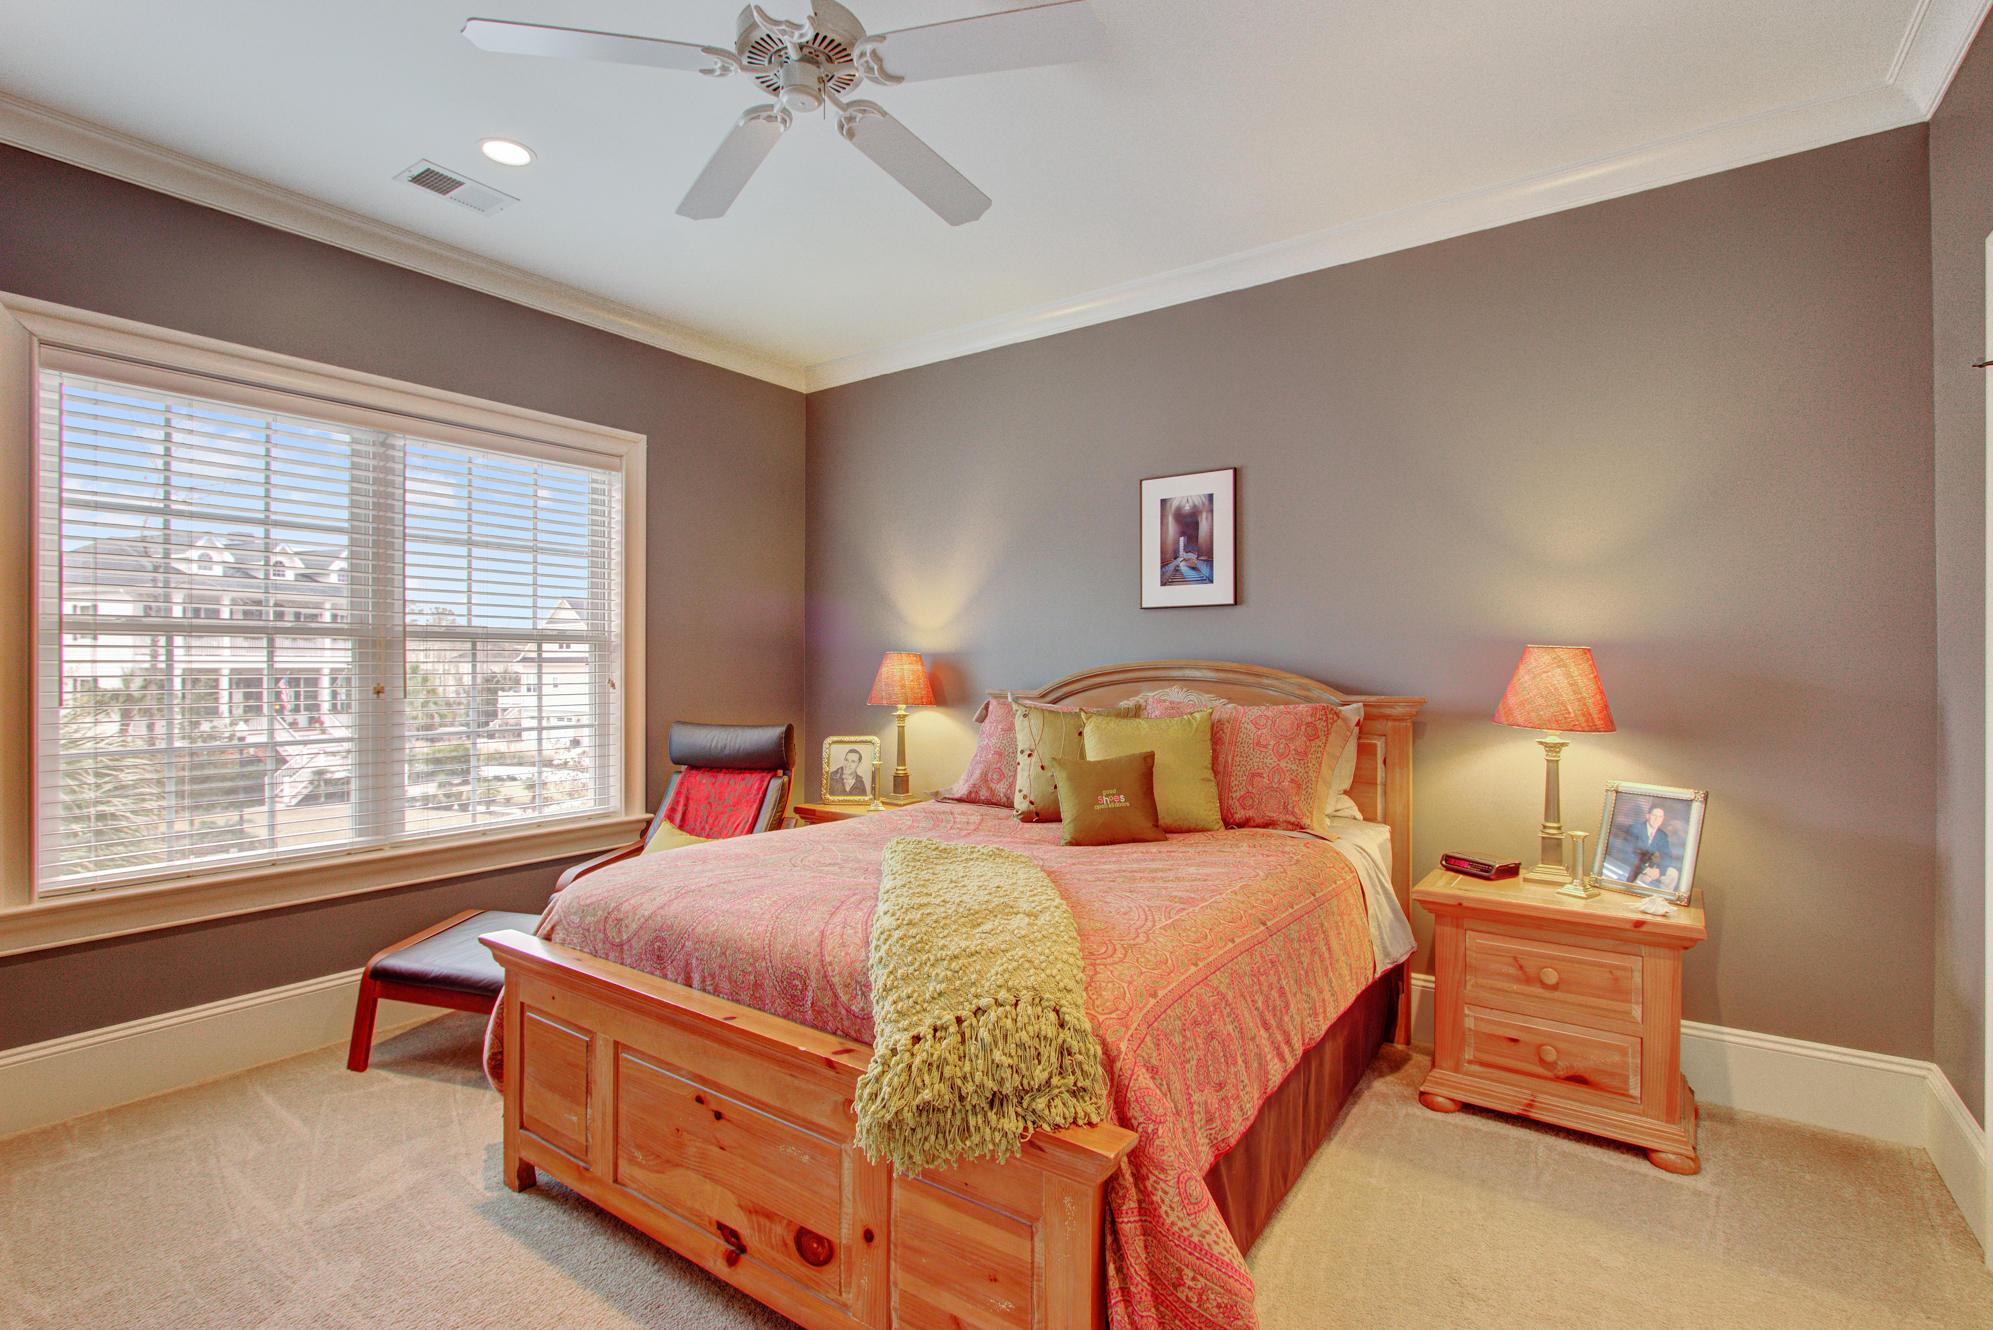 Park West Homes For Sale - 1527 Capel, Mount Pleasant, SC - 21